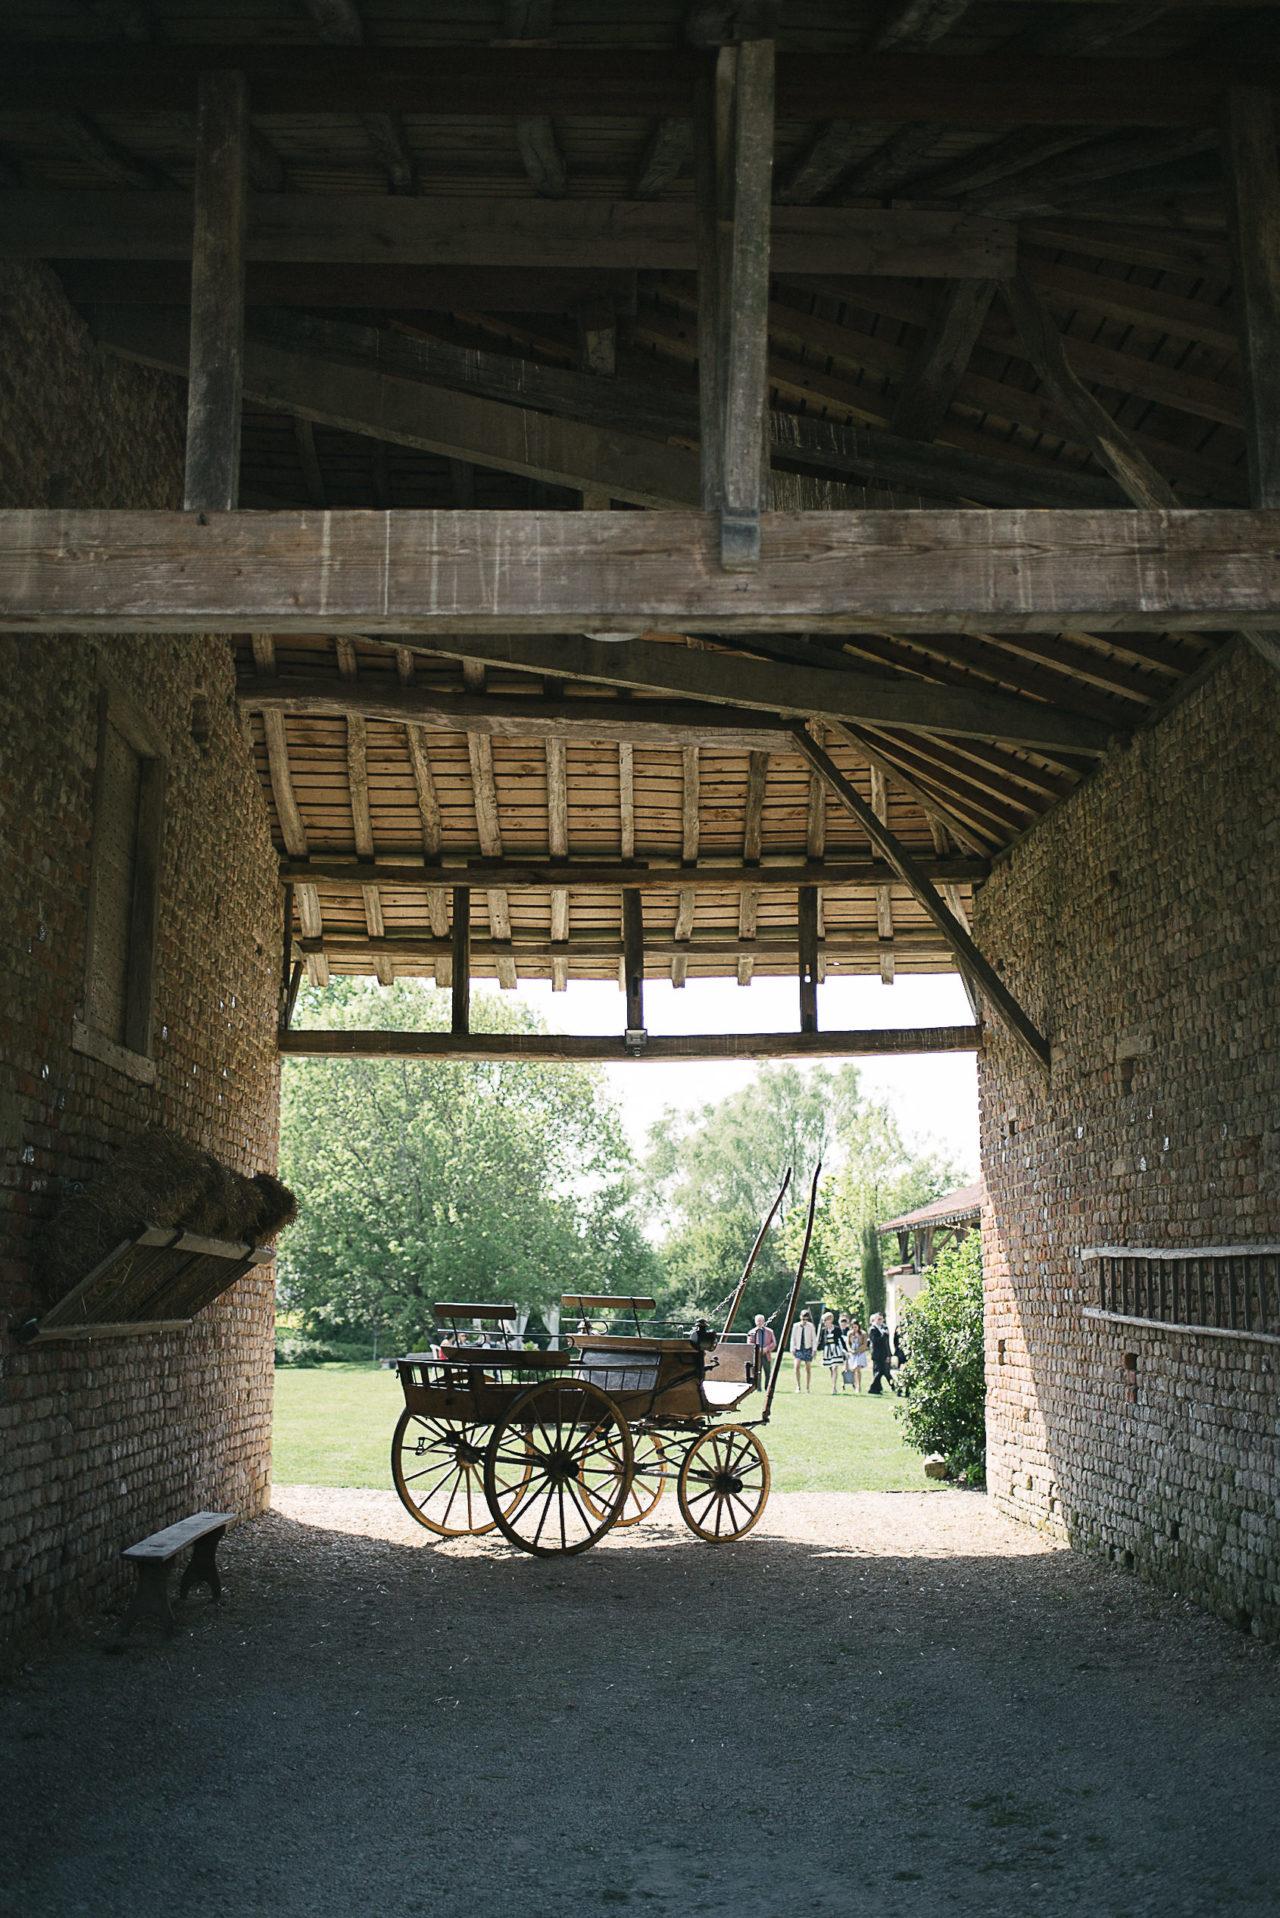 La réception de mariage a lieu dans une vieille ferme, en témoigne cette charette